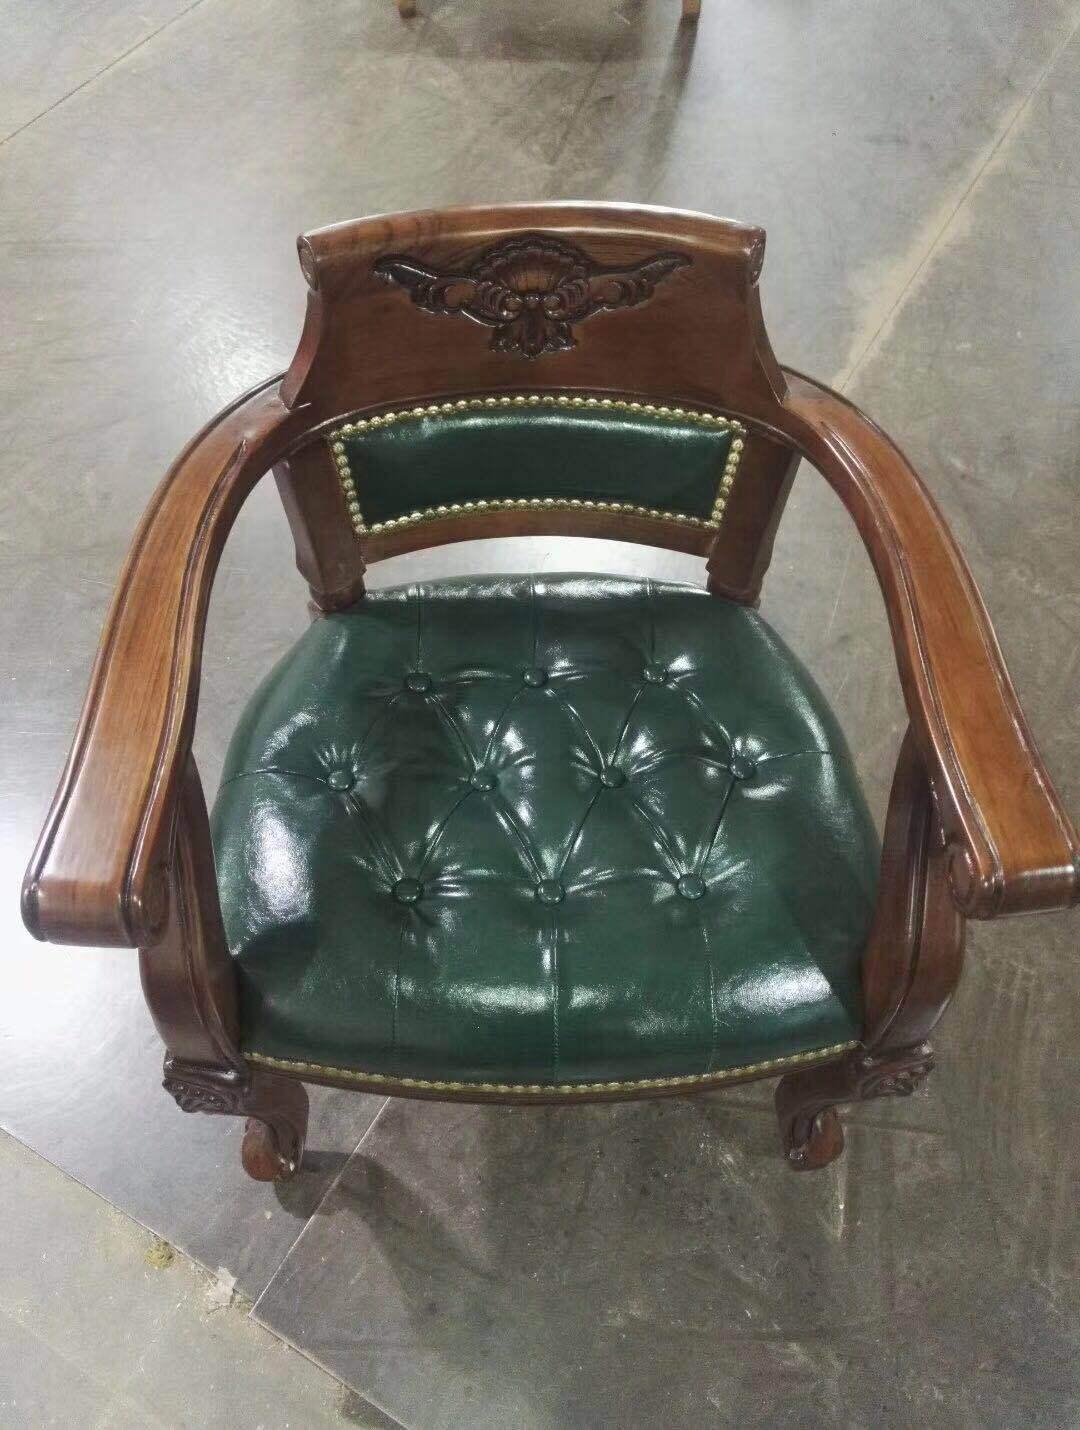 欧式带扶手实木真皮餐椅休闲靠背麻将办公酒店美式复古书房老板椅